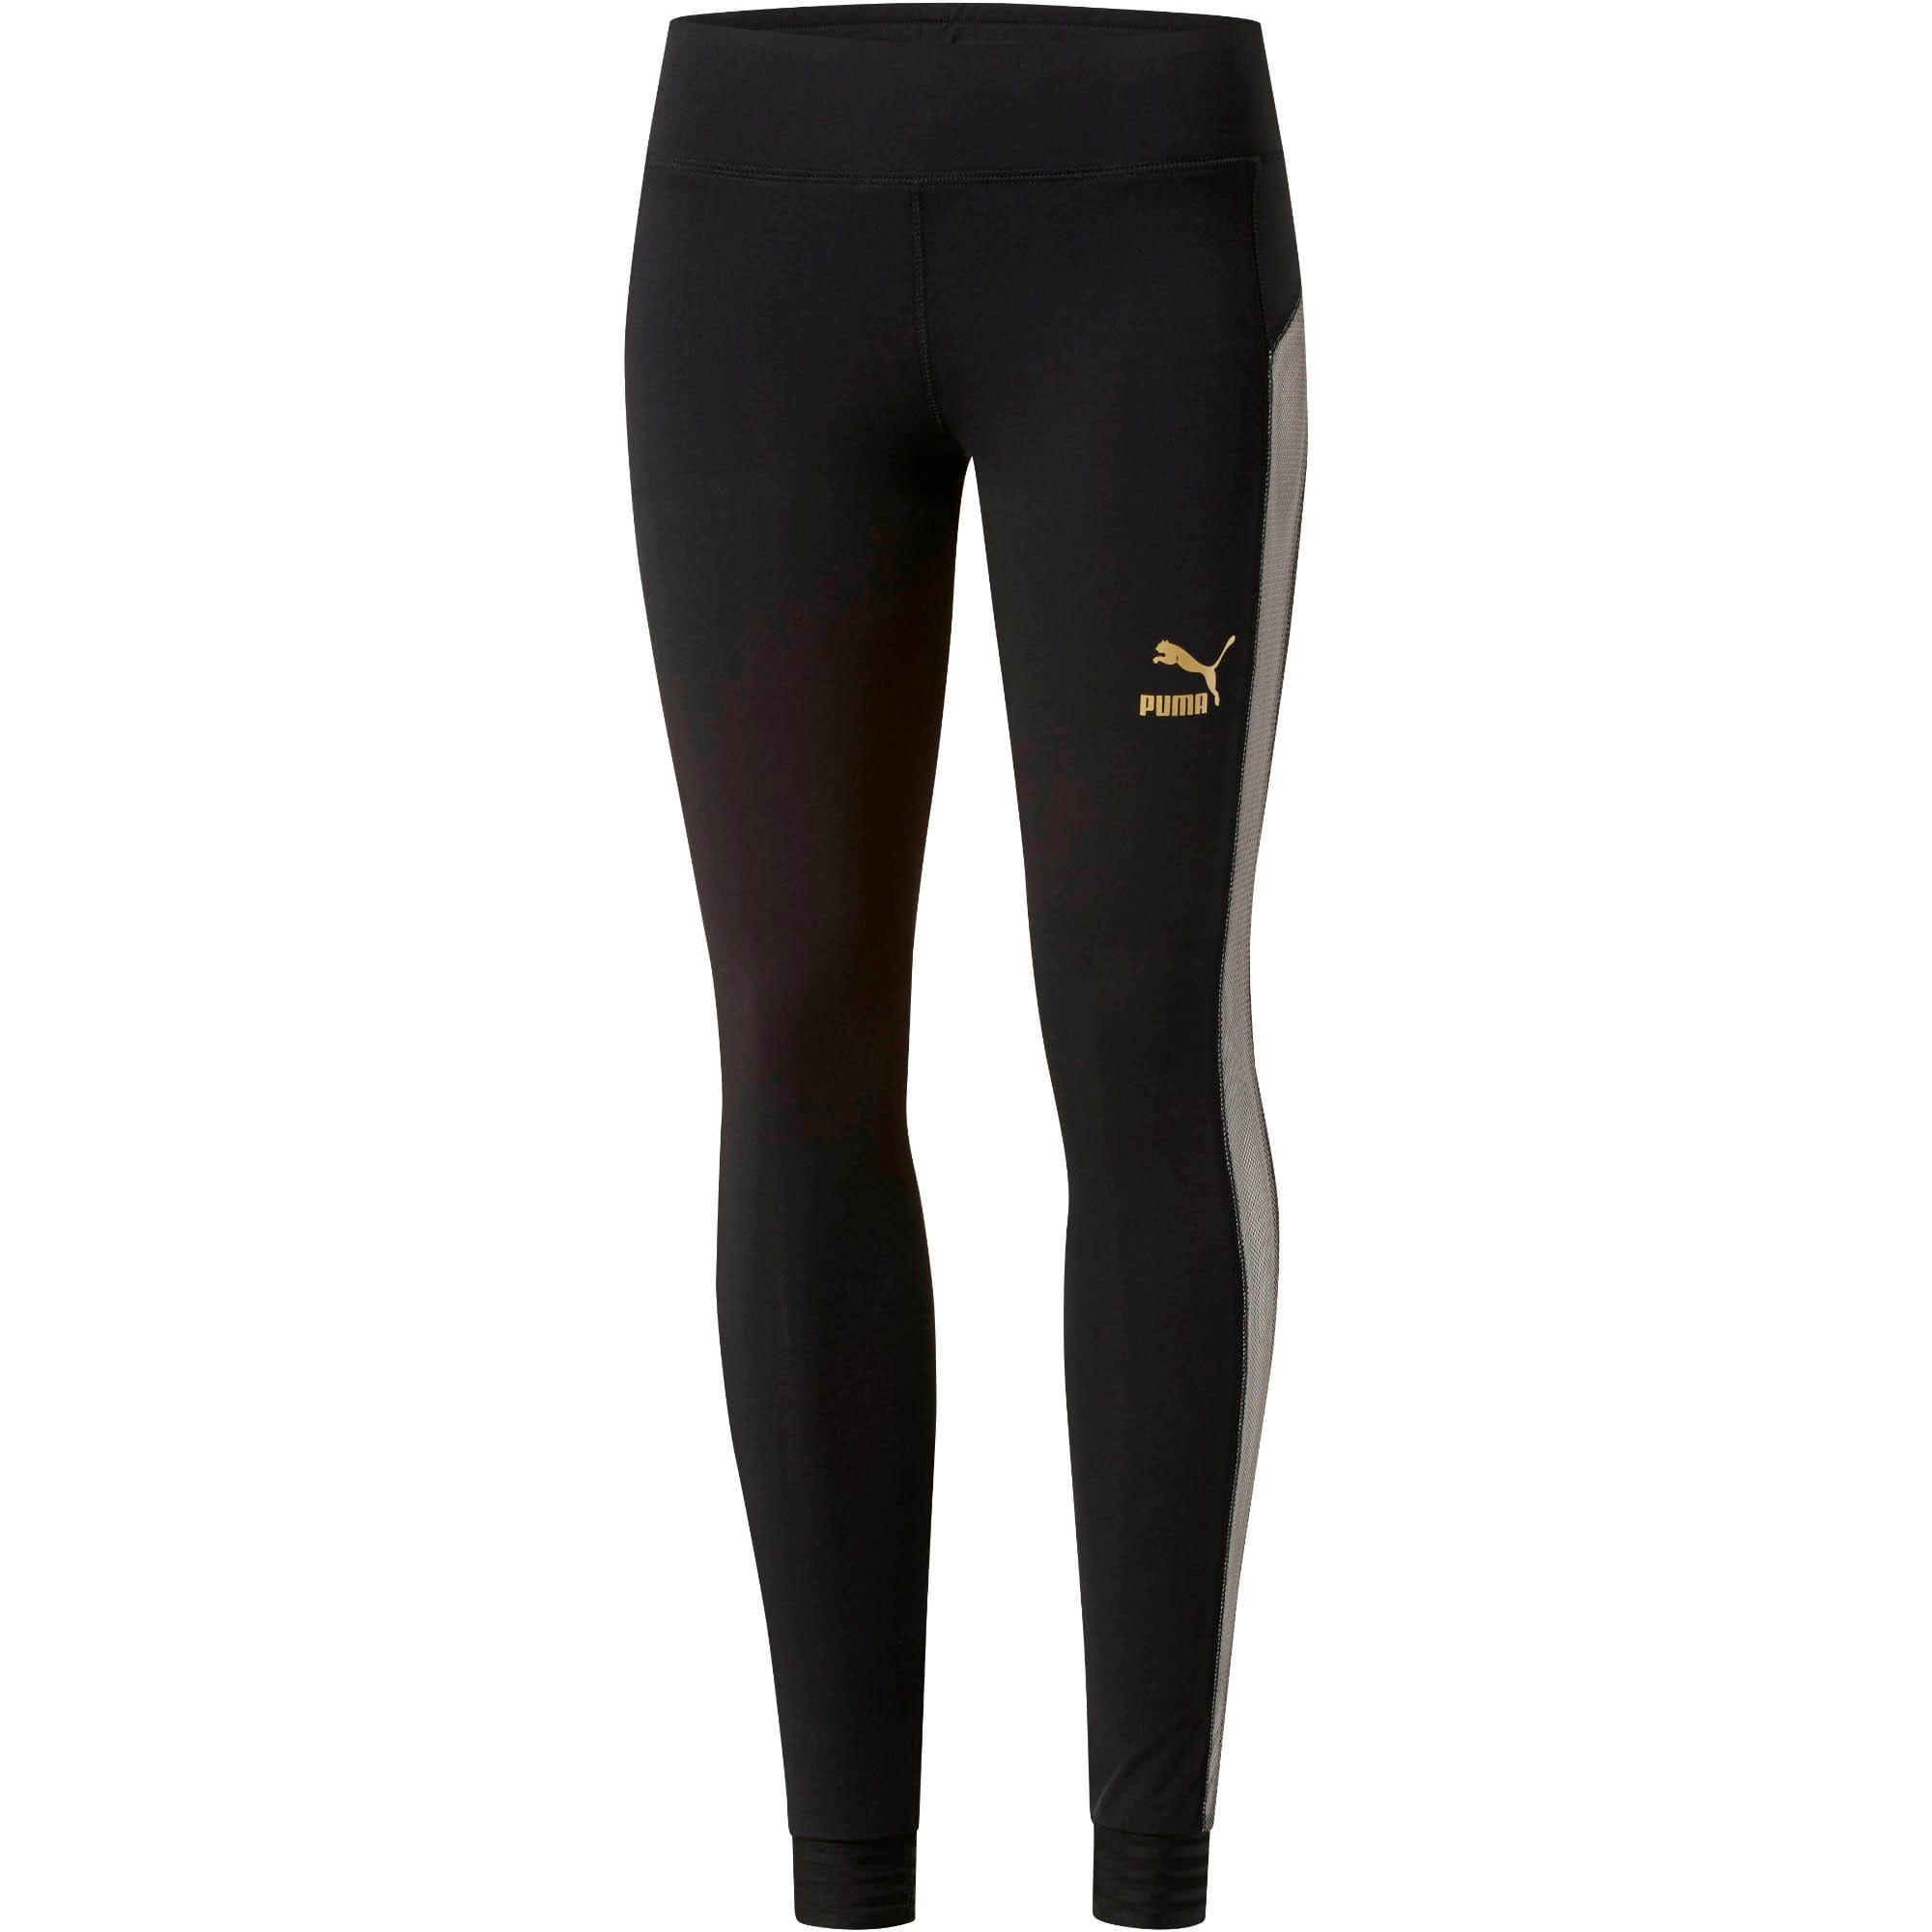 Thumbnail 1 of Fashion T7 Leggings, Puma Black, medium